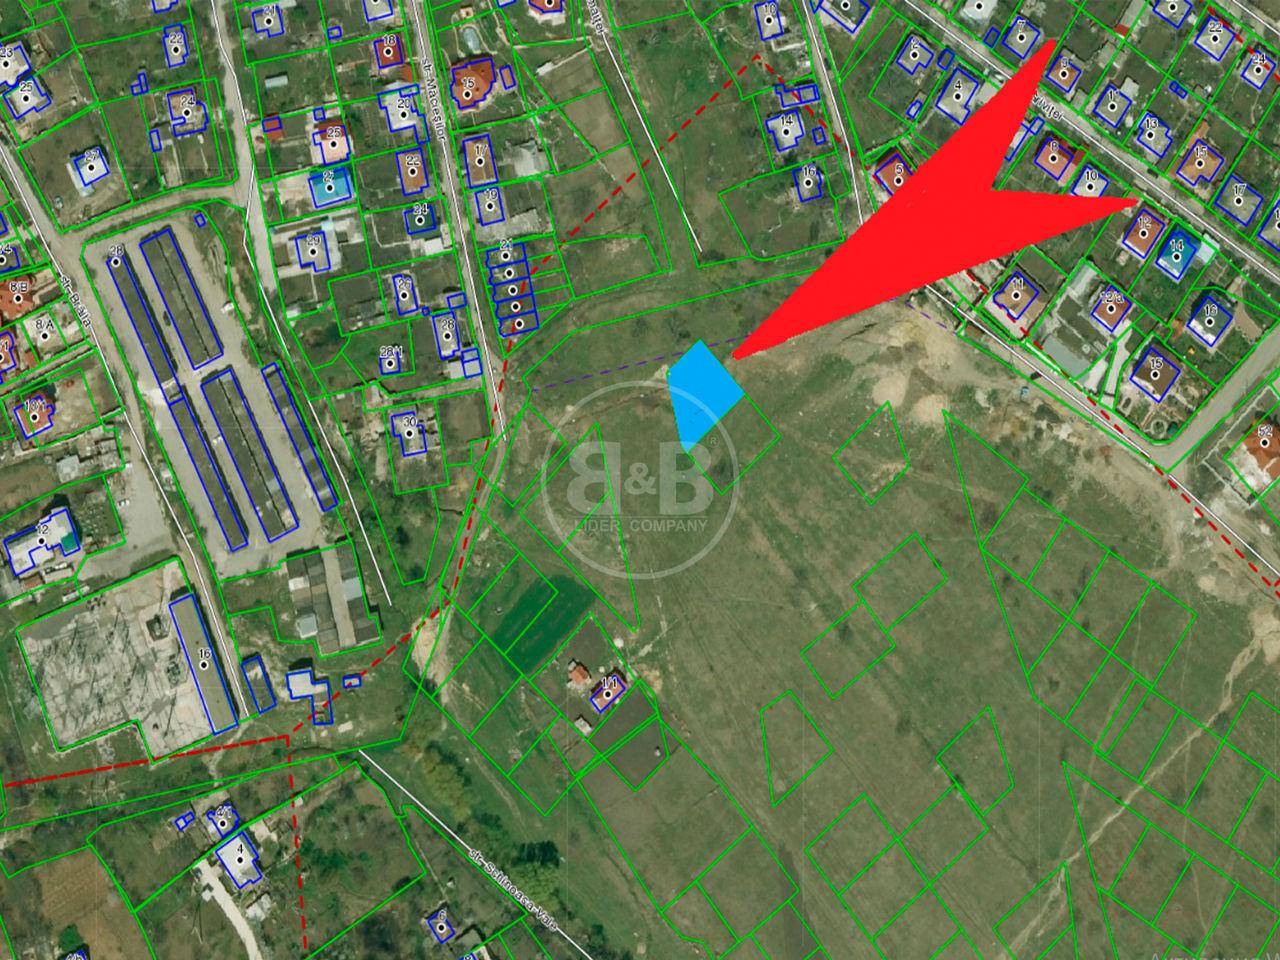 Lot de pământ amplasat în sectorul Telecentru str. Măcieșilor 6 ari potrivit pentru construcție